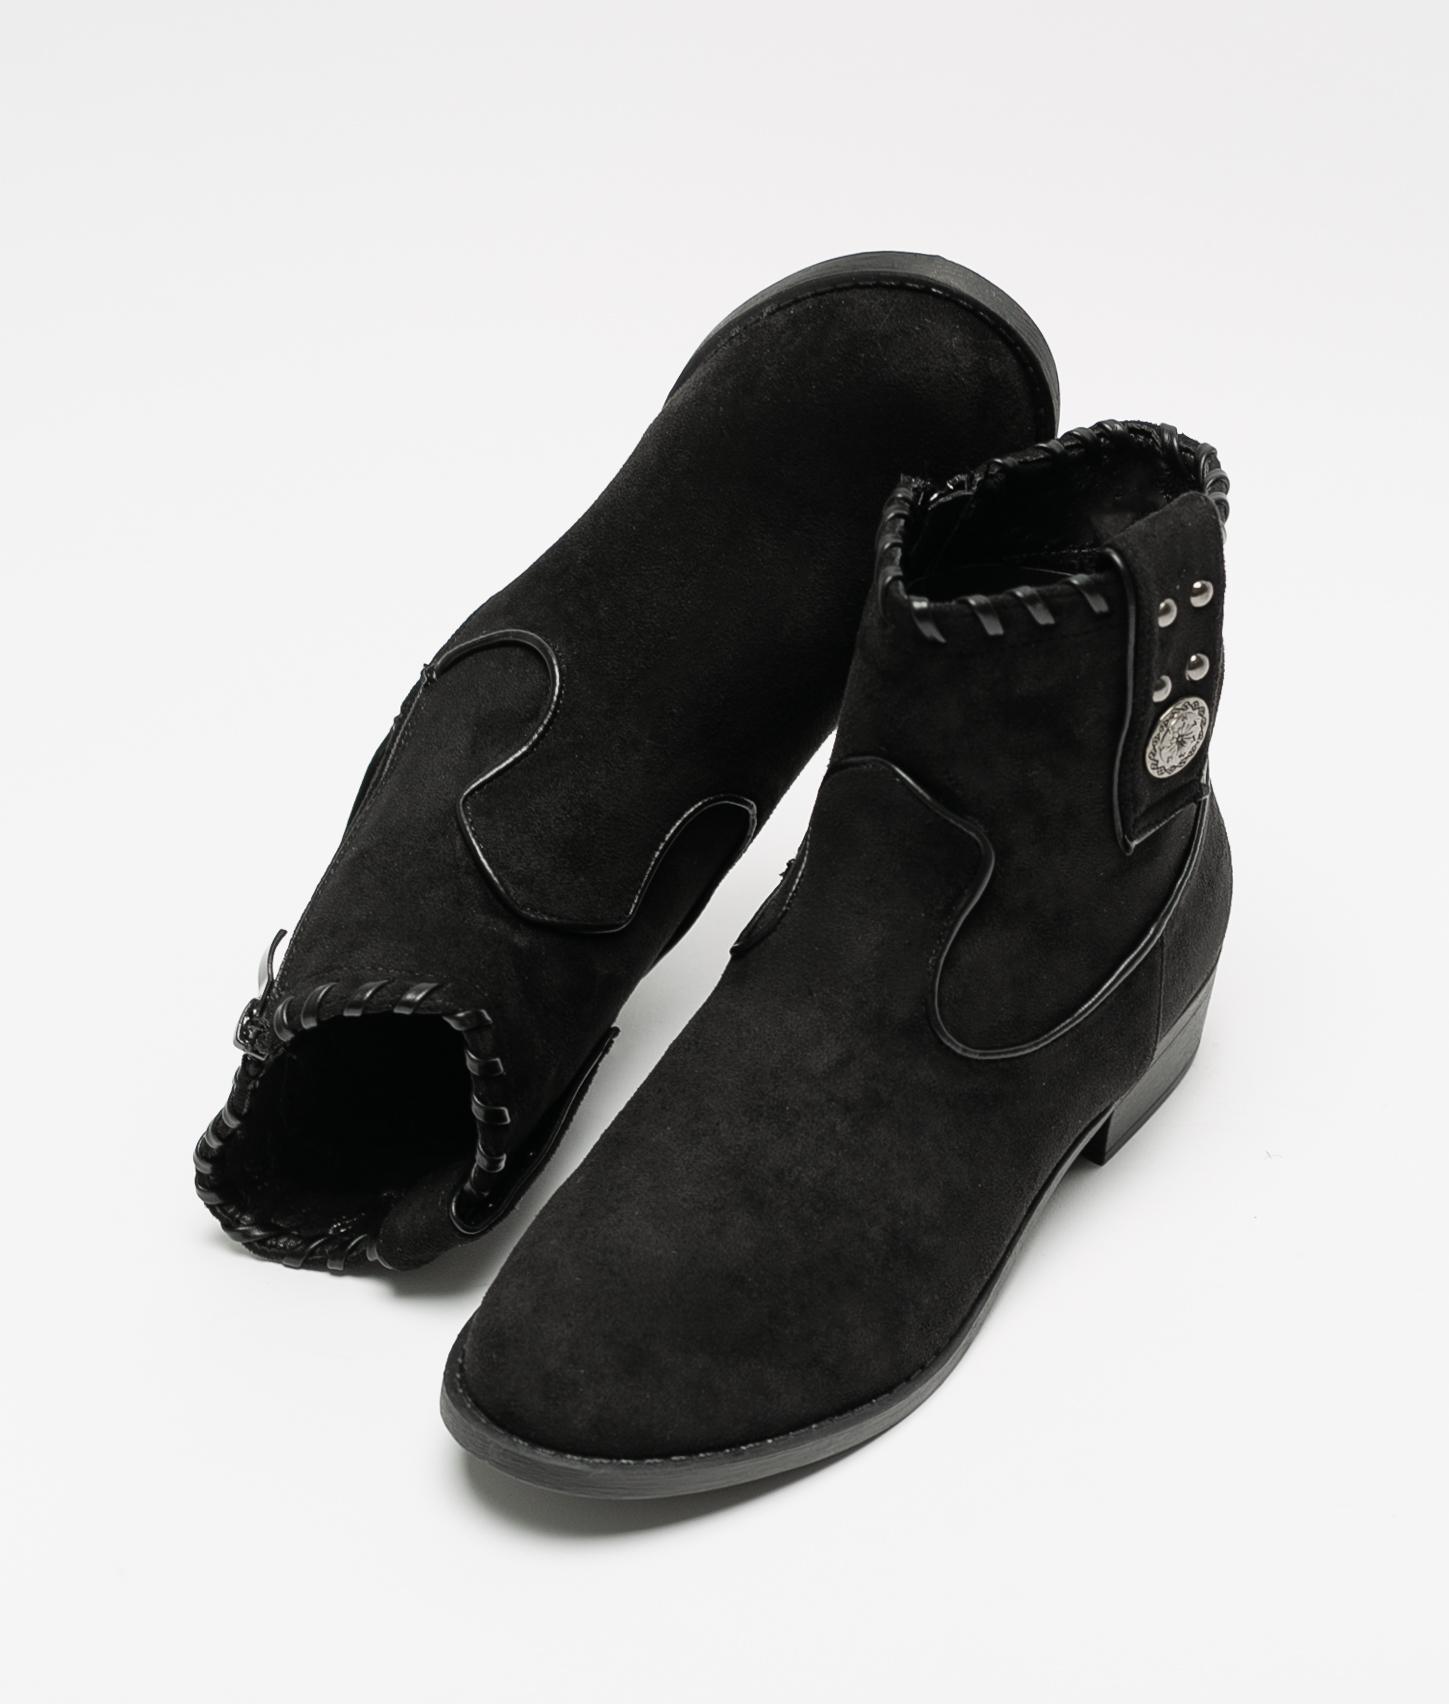 Bota Baja Relu - Black